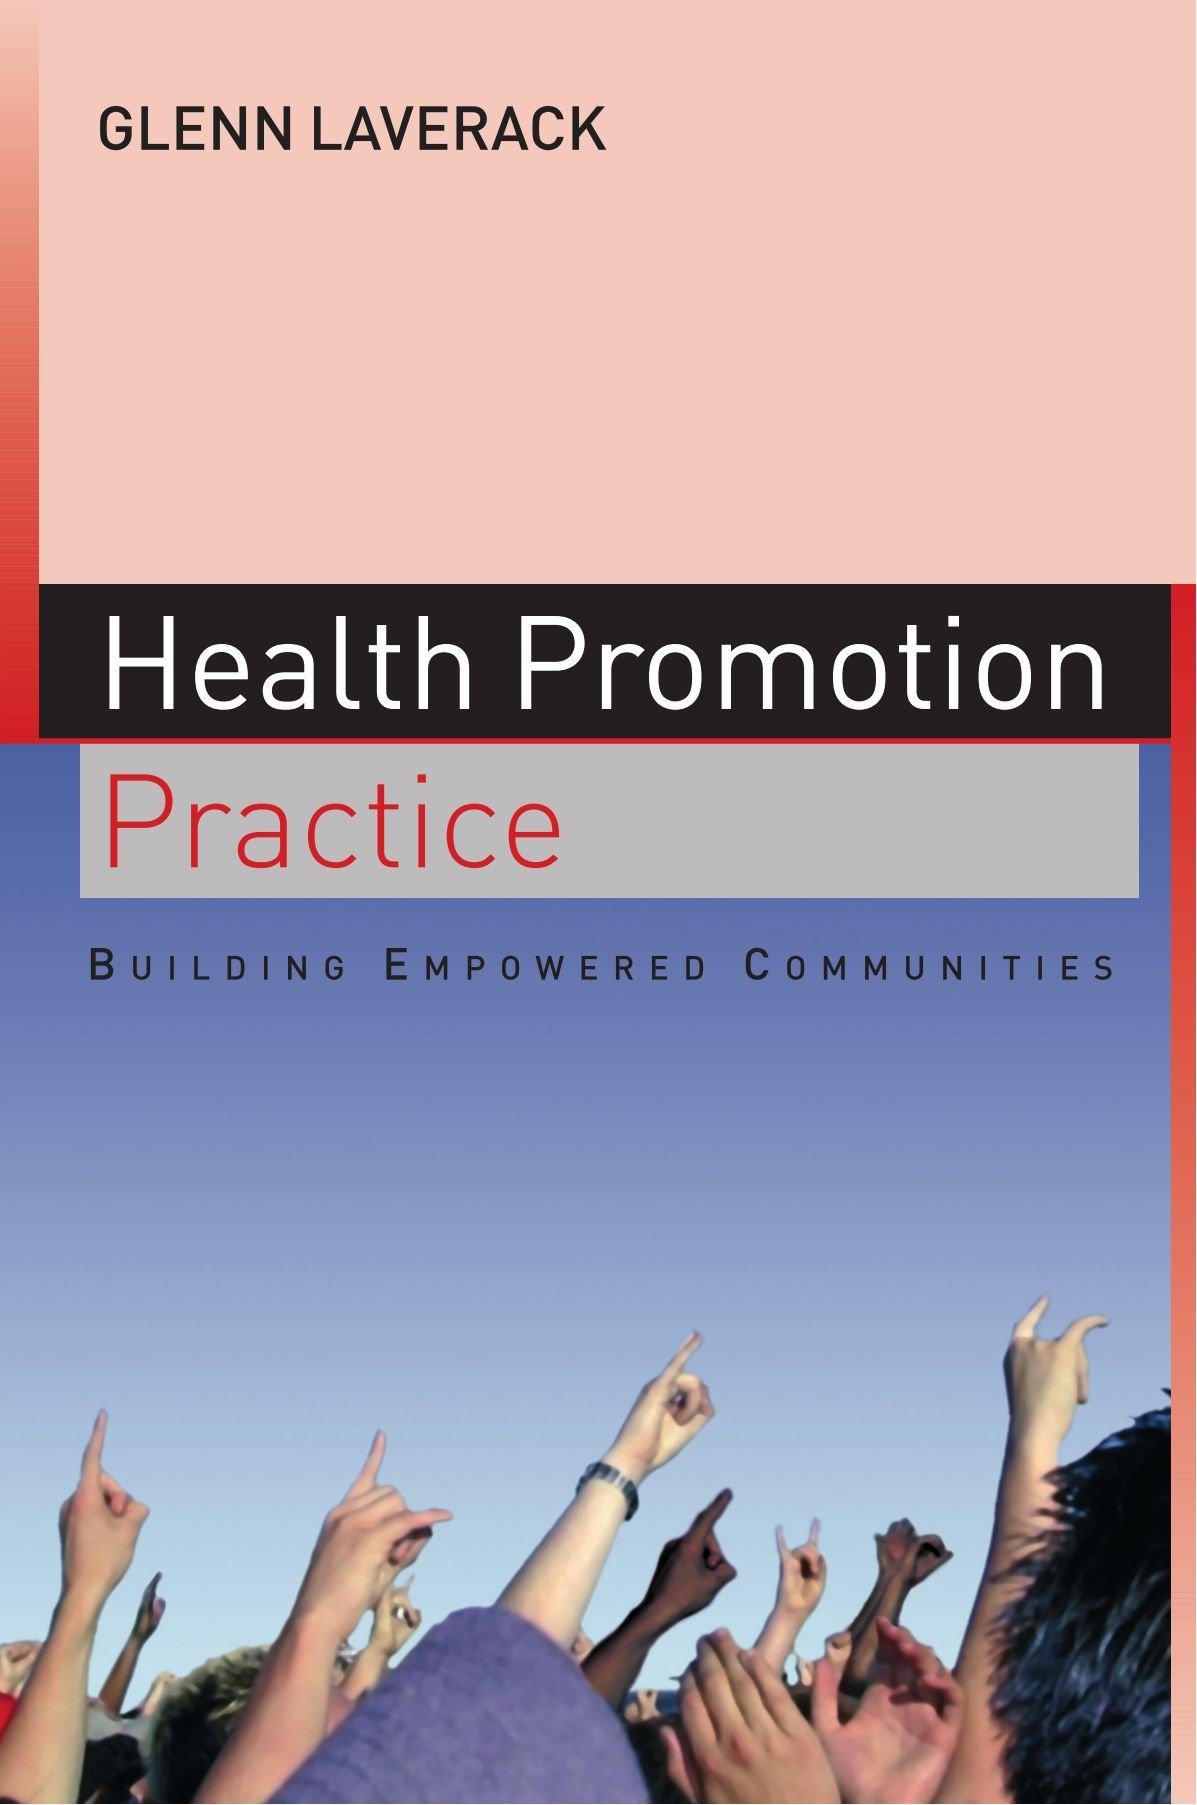 health promotion in action laverack glenn labont ronald dr